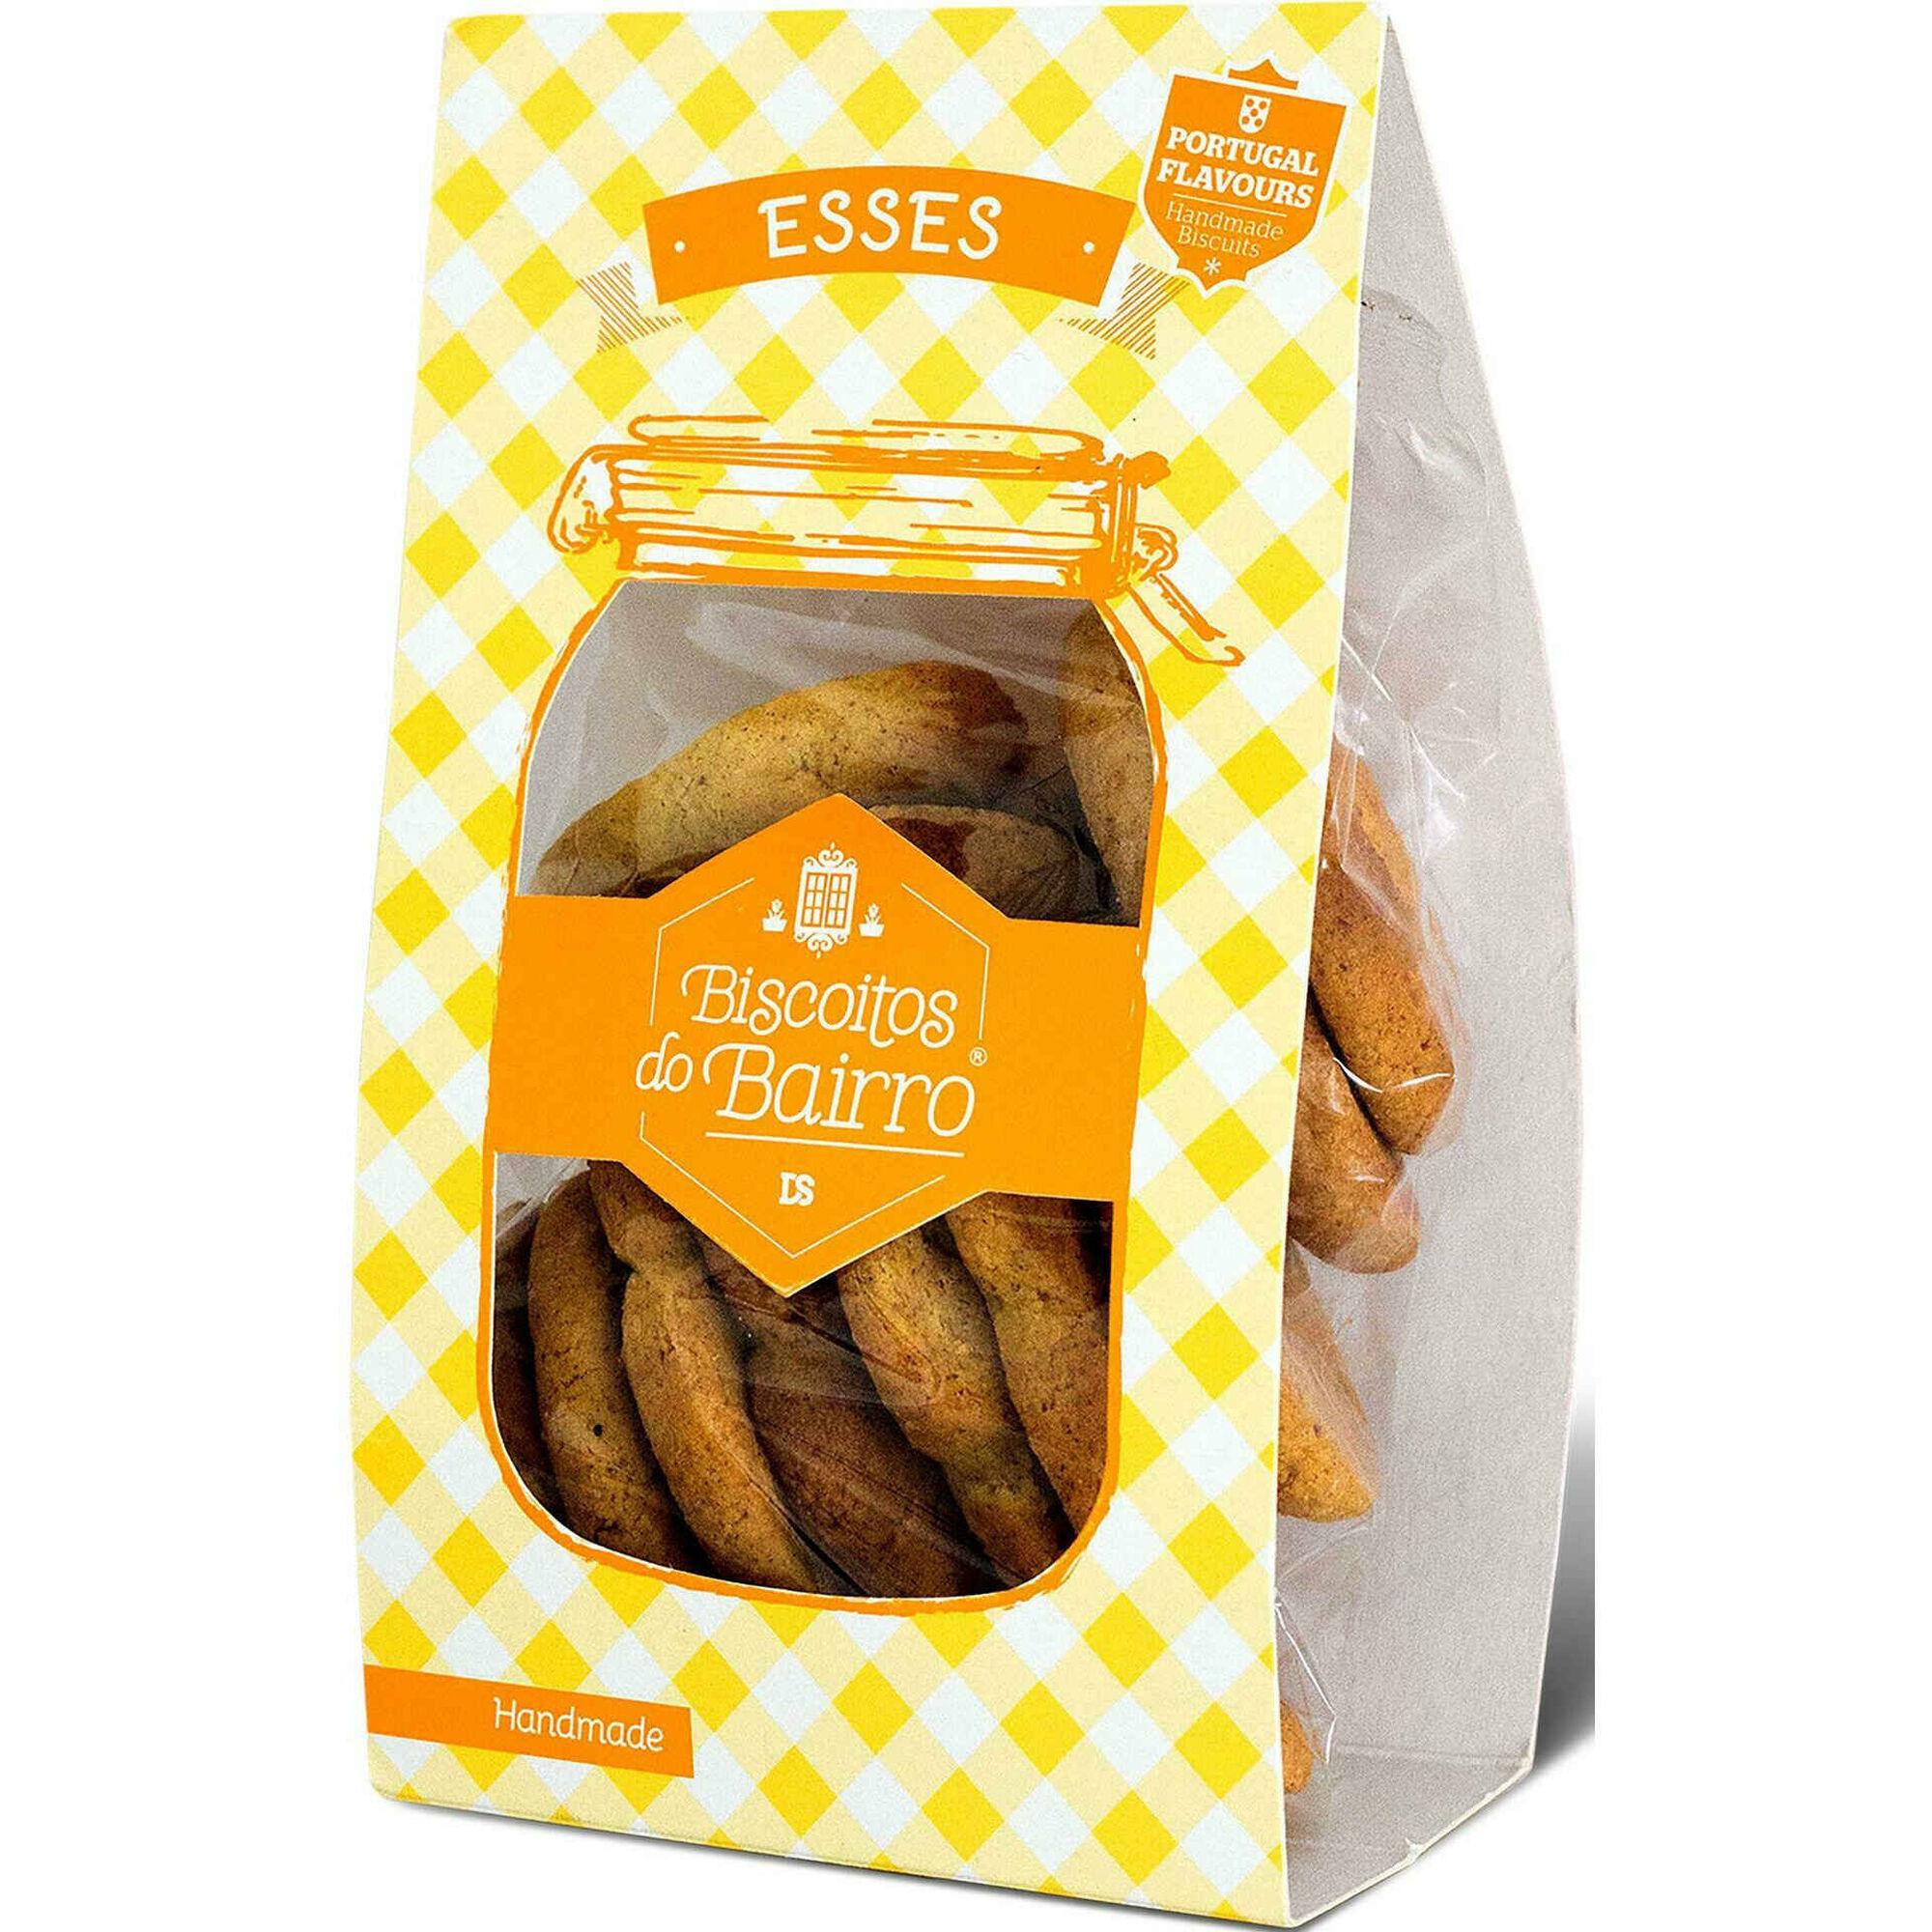 Biscoitos Esses